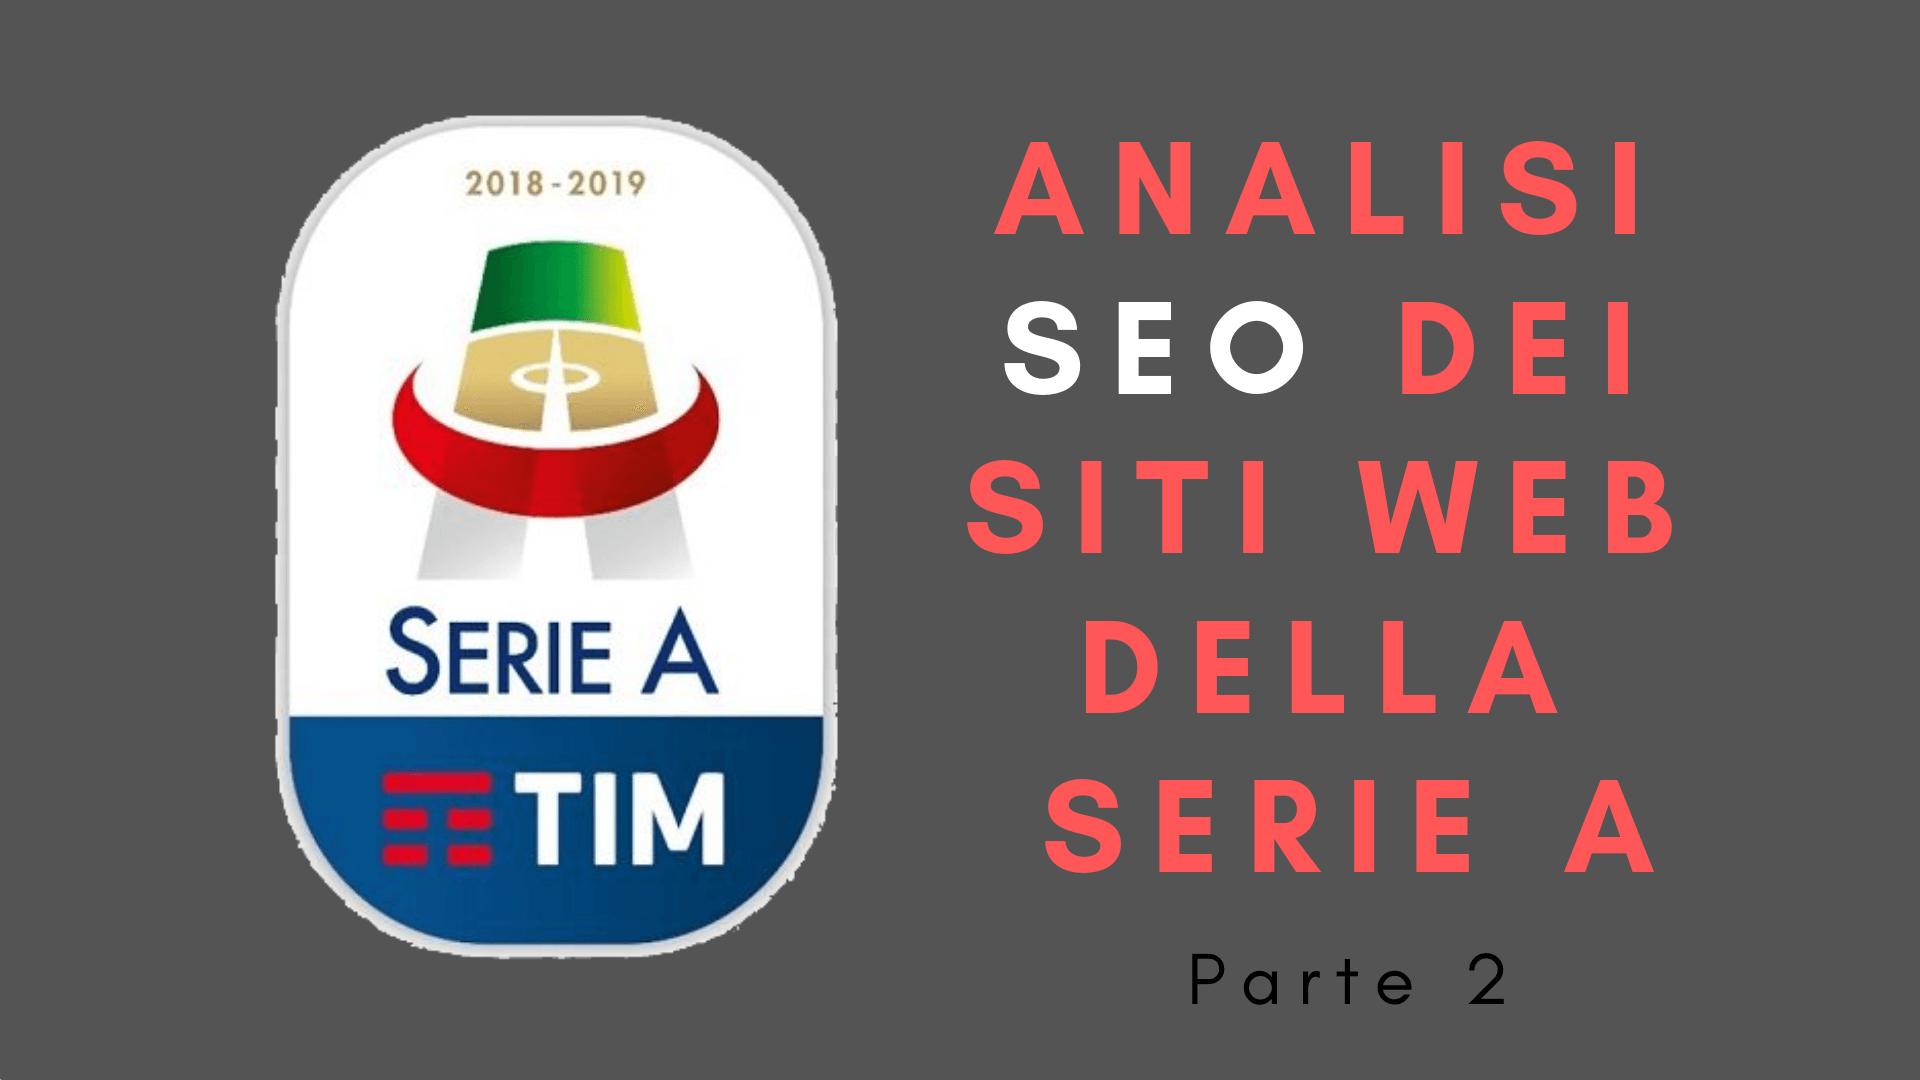 Analisi SEO dei siti web della Serie A – [Parte 2]